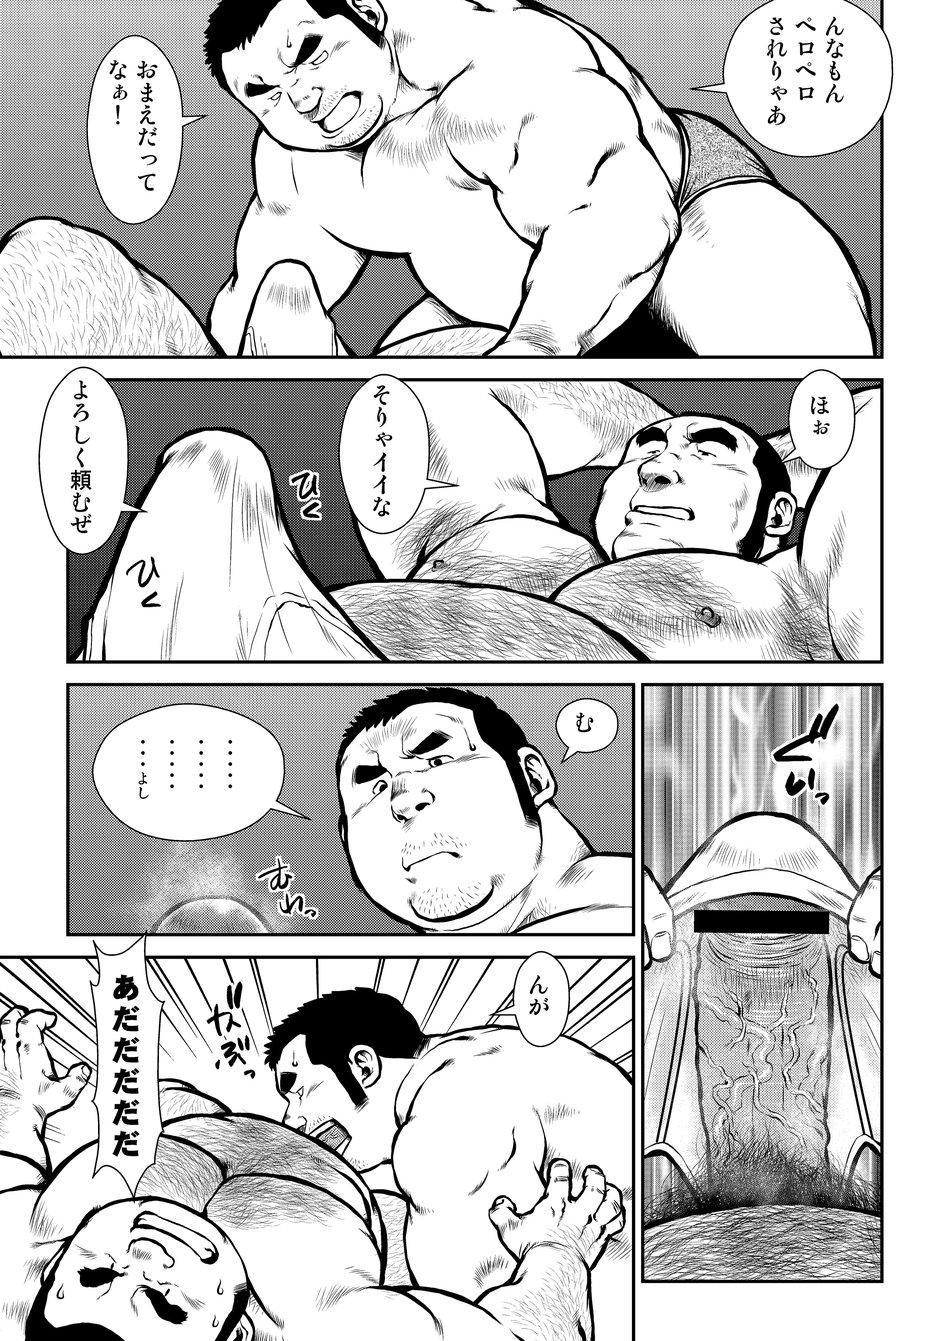 Hara Iso Hatsujou Seinendan Dai 4-wa 6